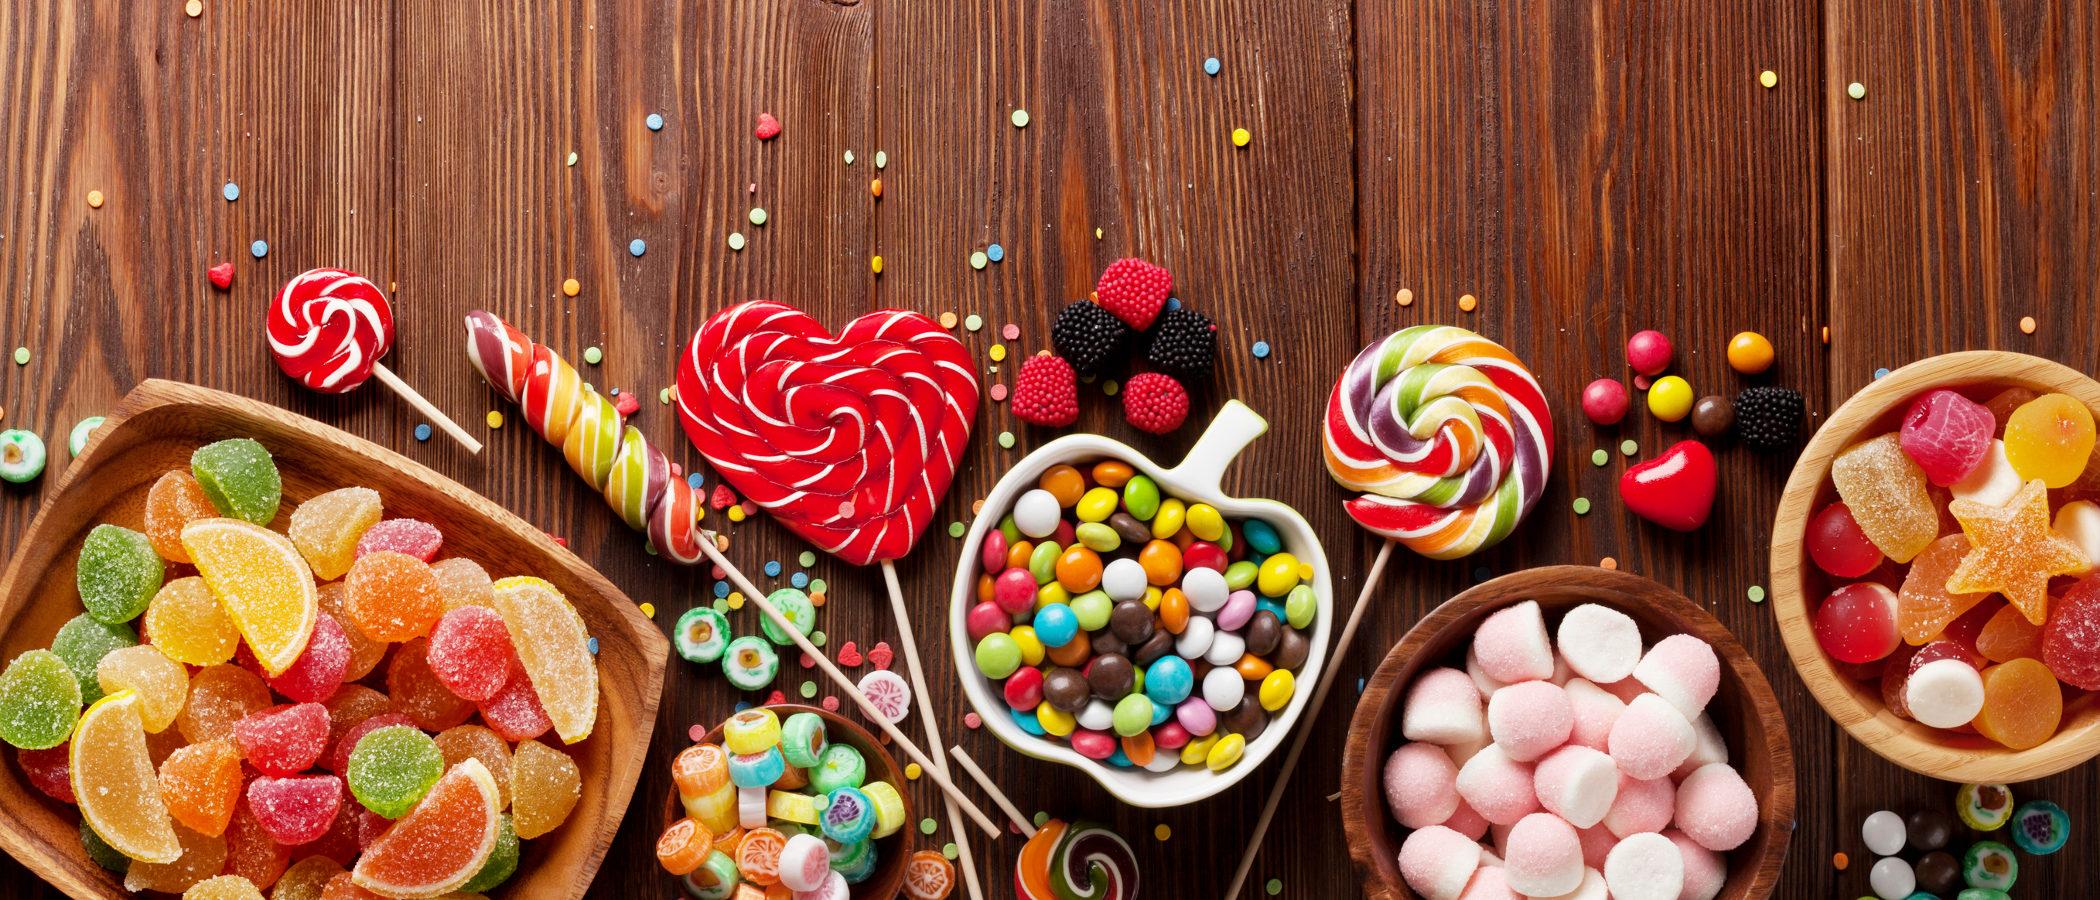 ¿Por qué es malo que los niños coman muchas chucherías?